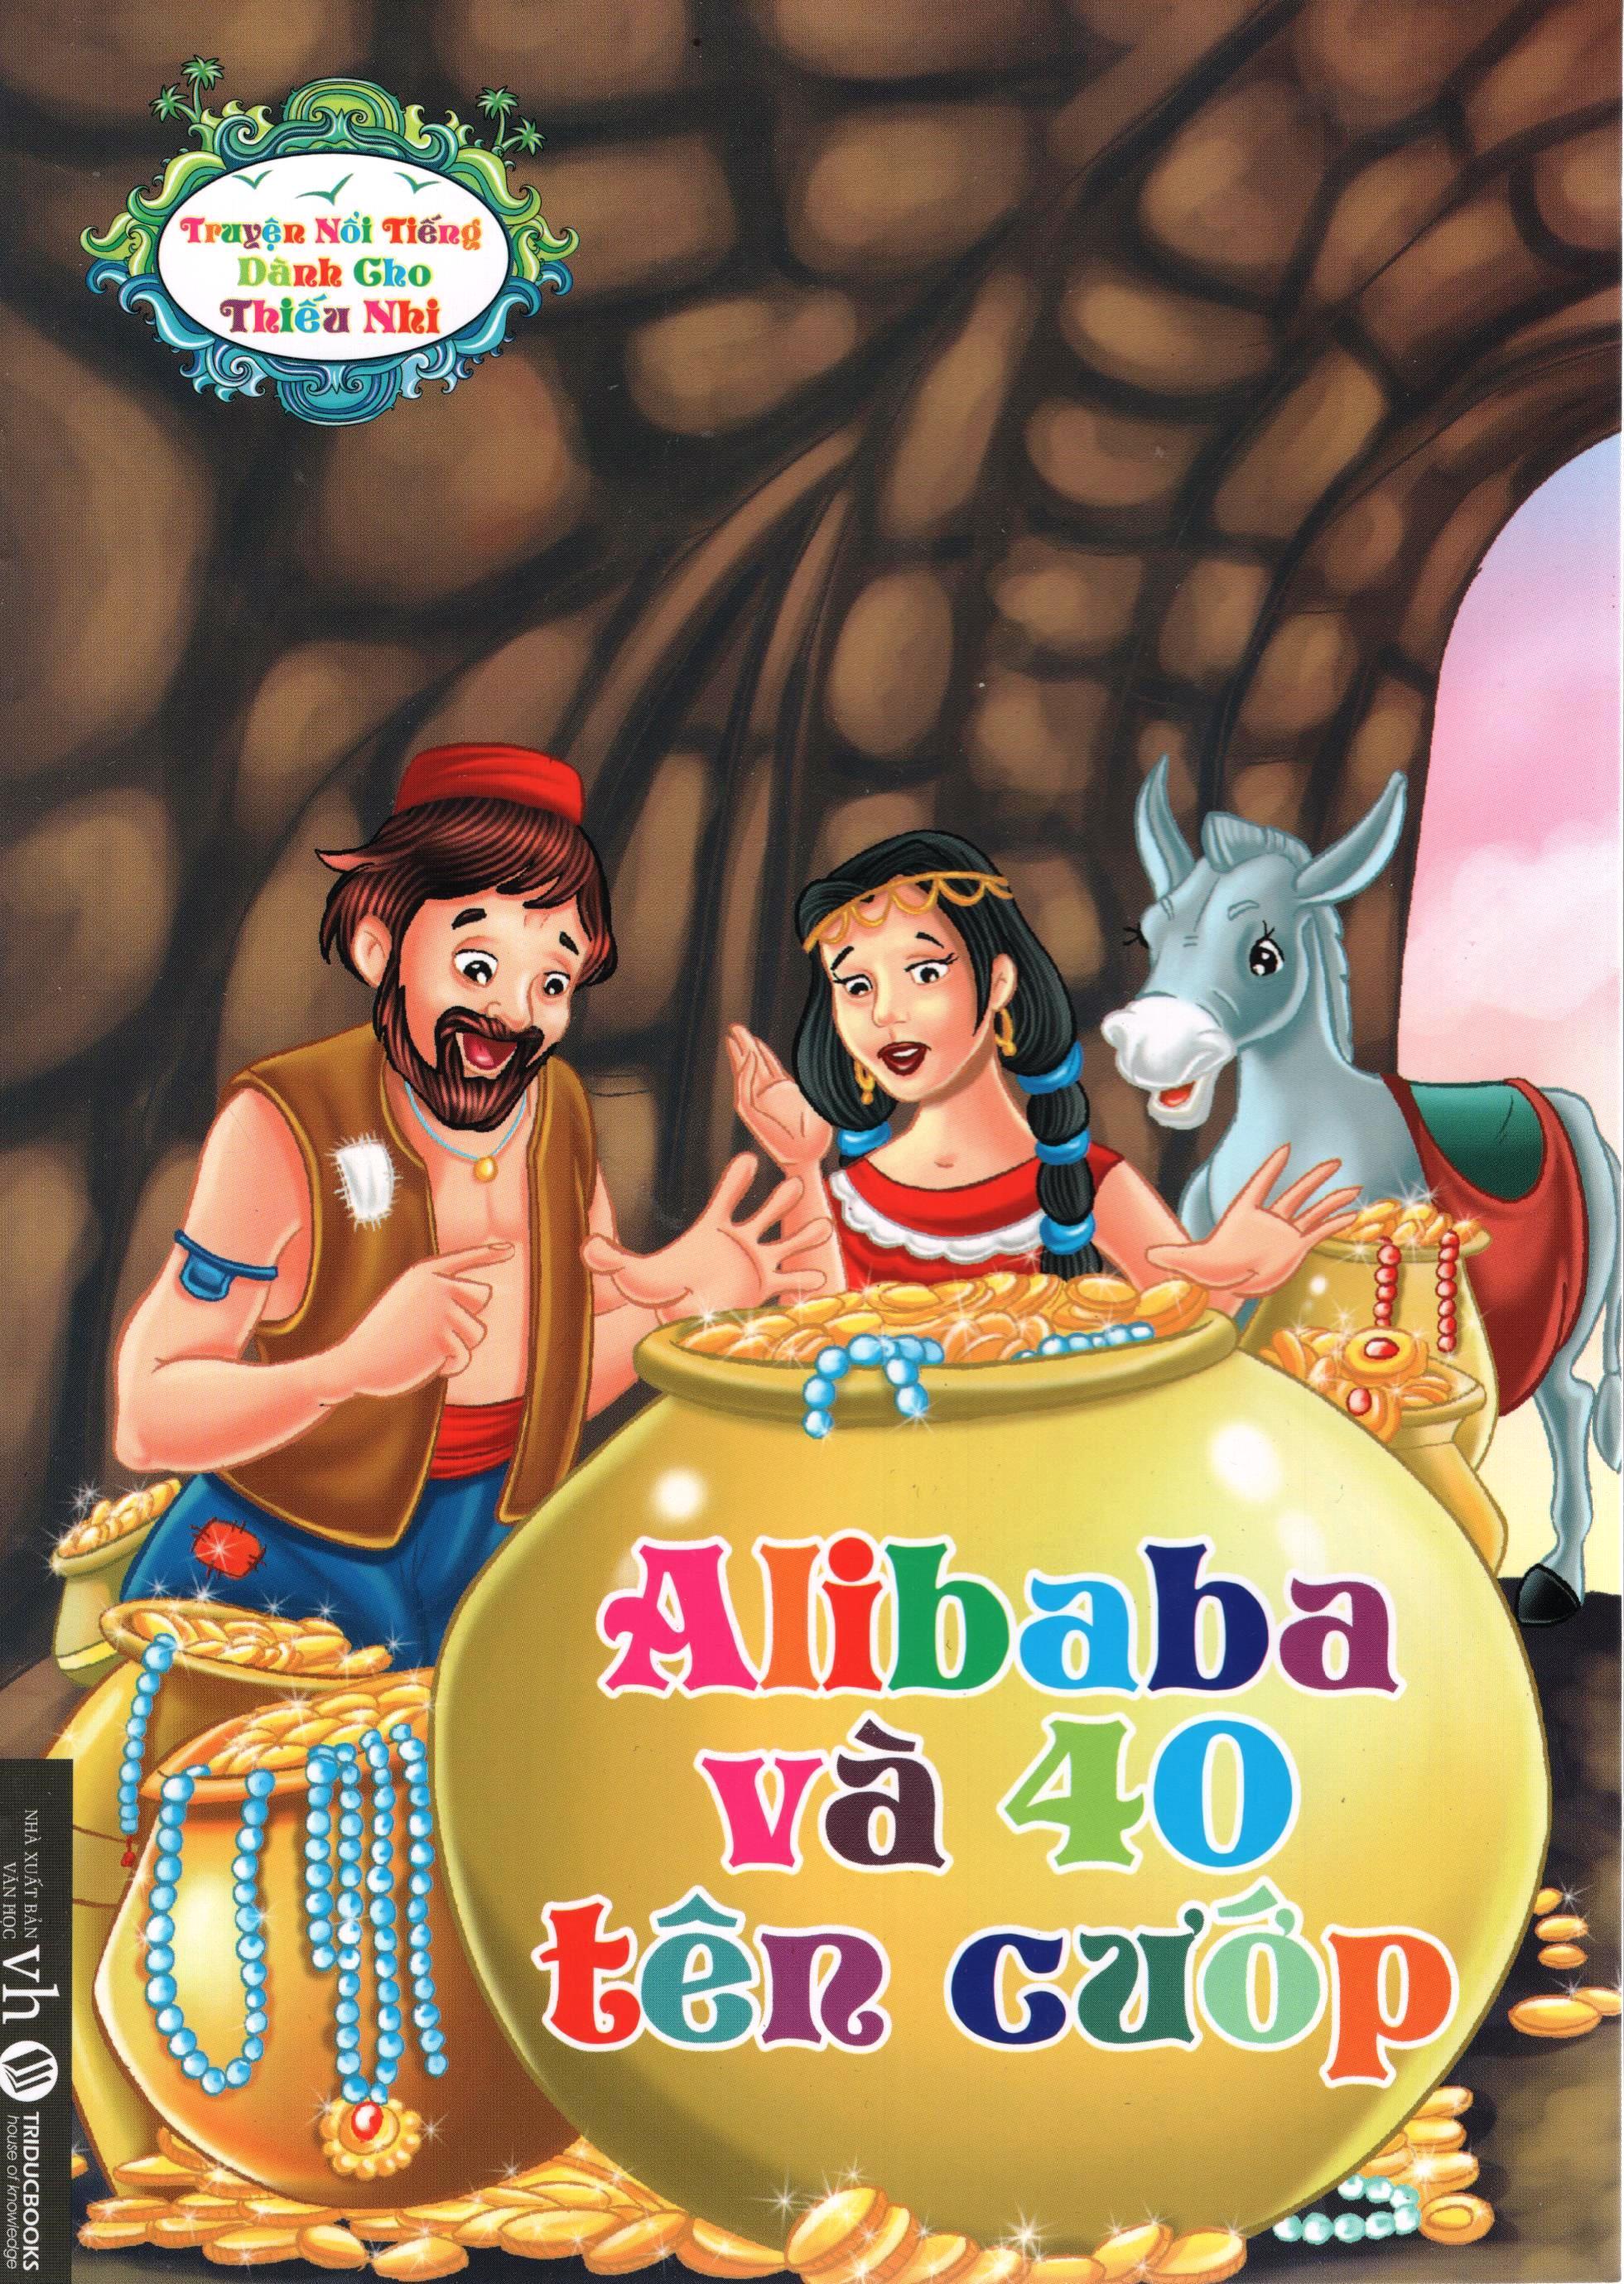 Truyện Nổi Tiếng Dành Cho Thiếu Nhi - Alibaba Và 40 Tên Cướp